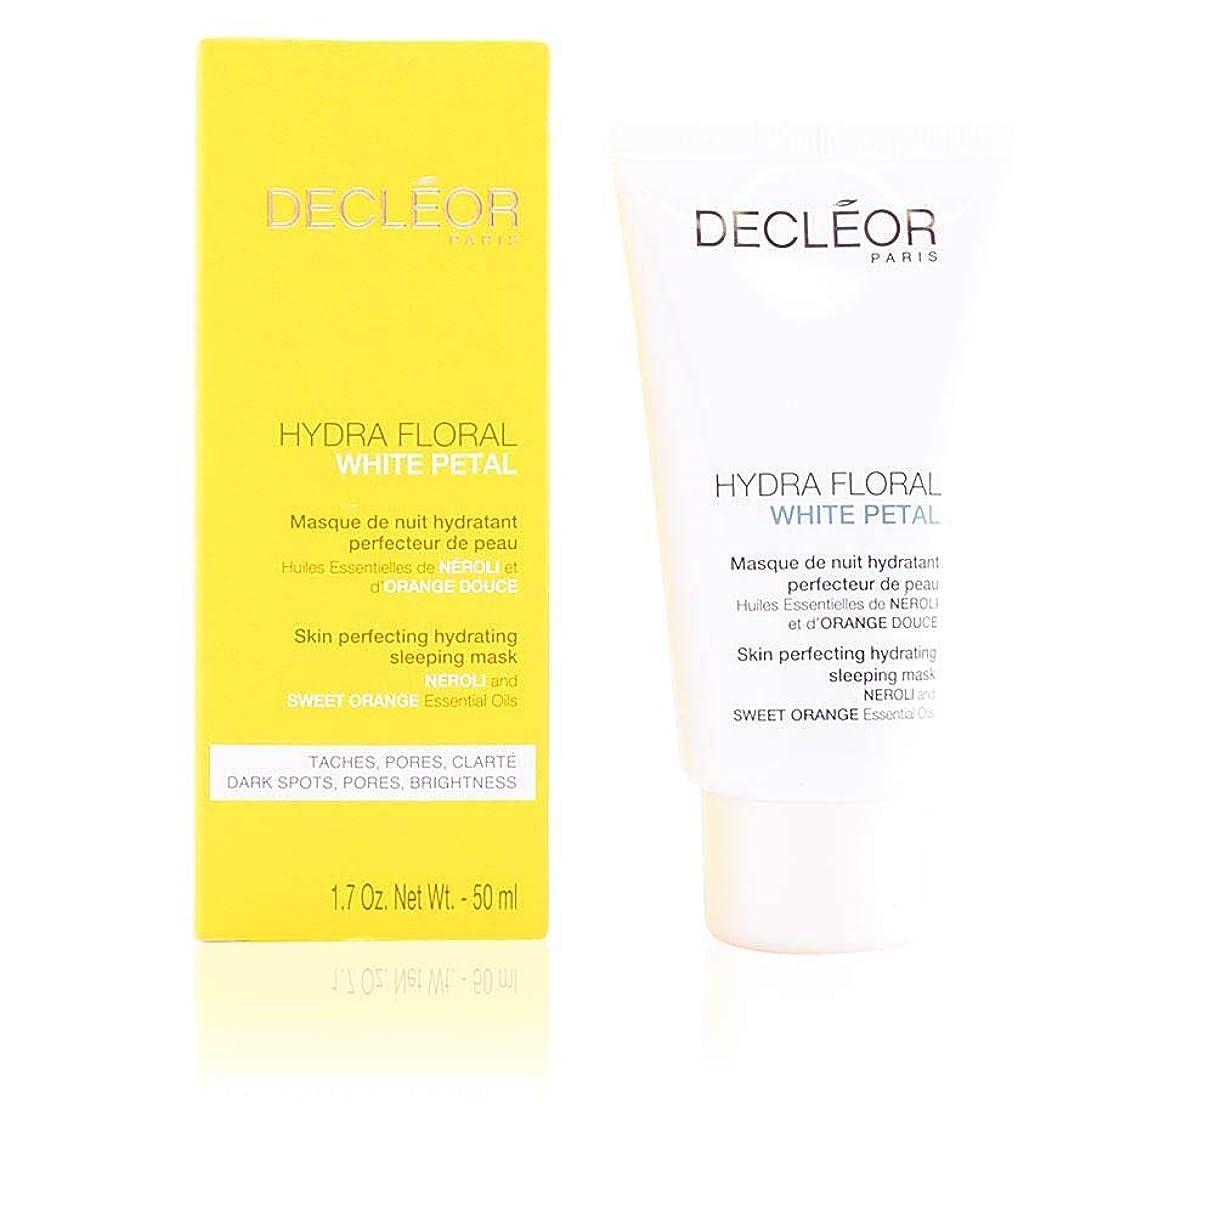 毛布トレーニングアトラスデクレオール Hydra Floral White Petal Neroli & Sweet Orange Skin Perfecting Hydrating Sleeping Mask 50ml/1.7oz並行輸入品